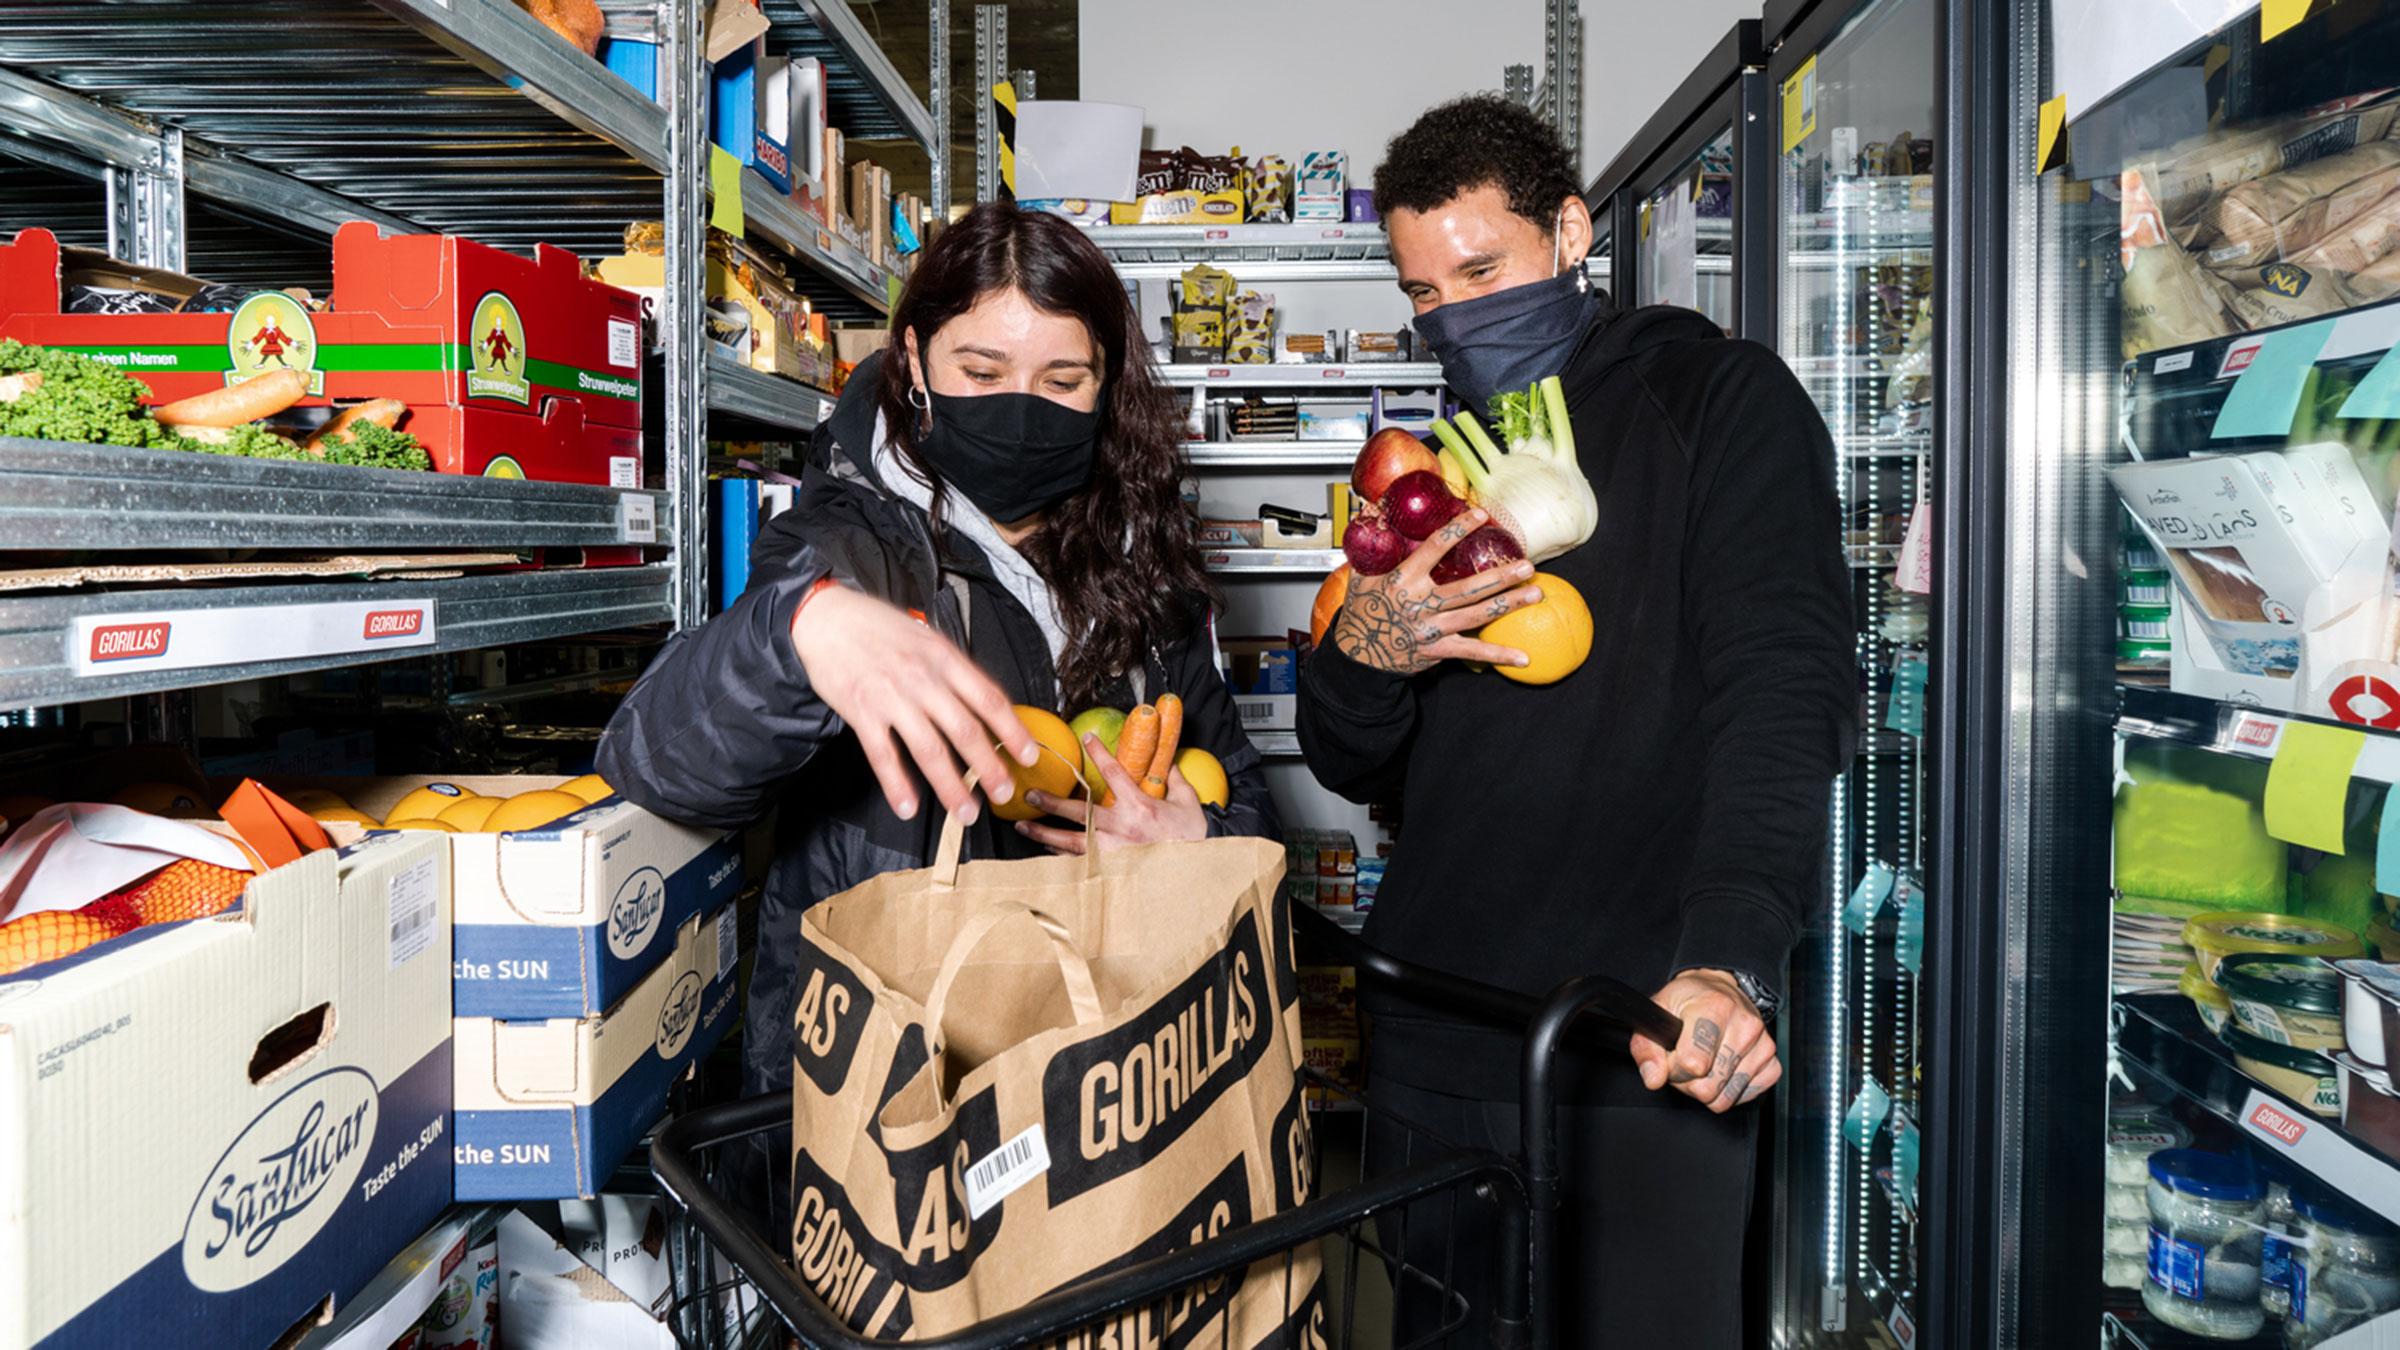 Qué es y cómo funciona Gorillas, el supermercado fantasma que ya está disponible en España